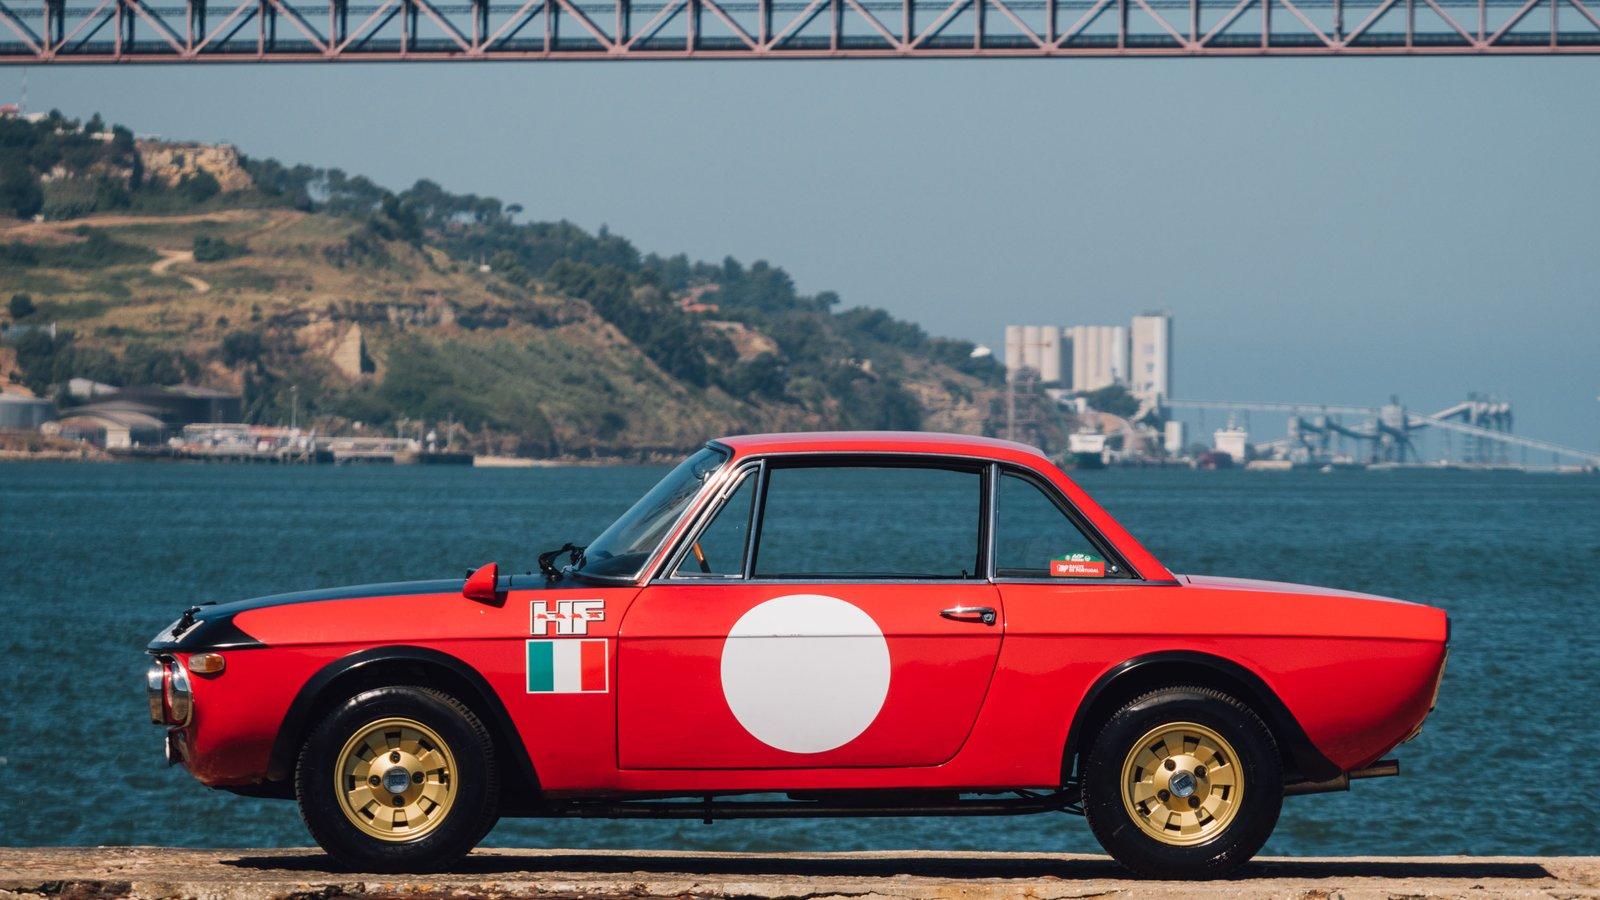 Lancia Fulvia Rally 1.6 HF Fanalone   Cars